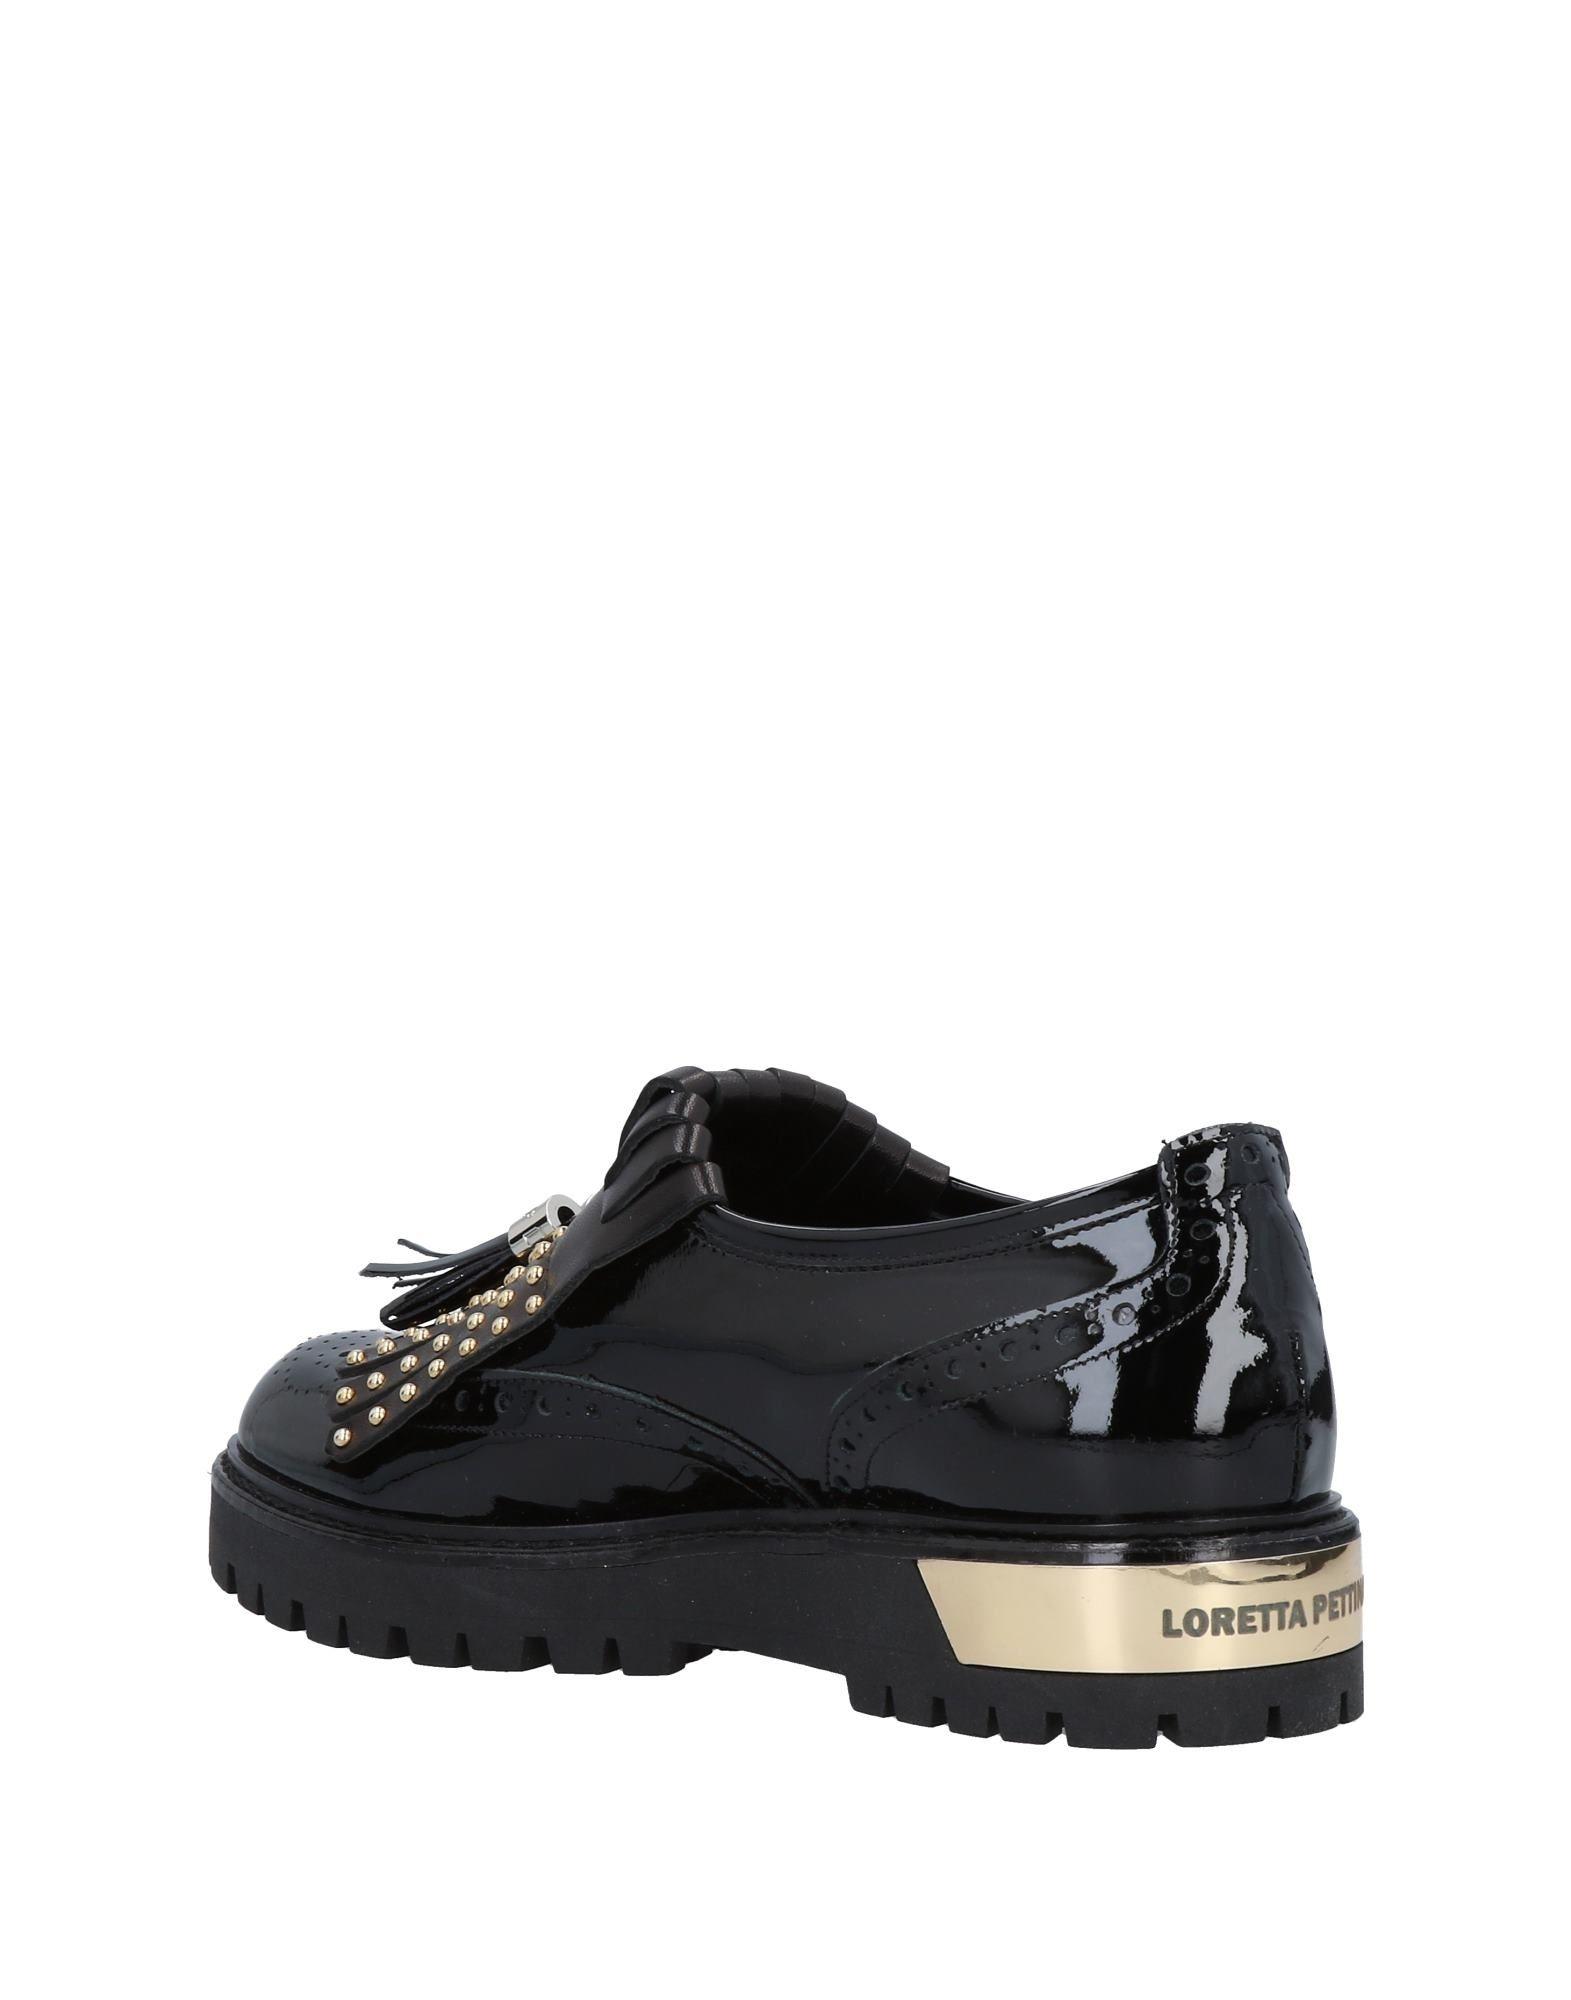 Loretta Pettinari Mokassins Damen  11494284JA Schuhe Beliebte Schuhe 11494284JA 0cbb07